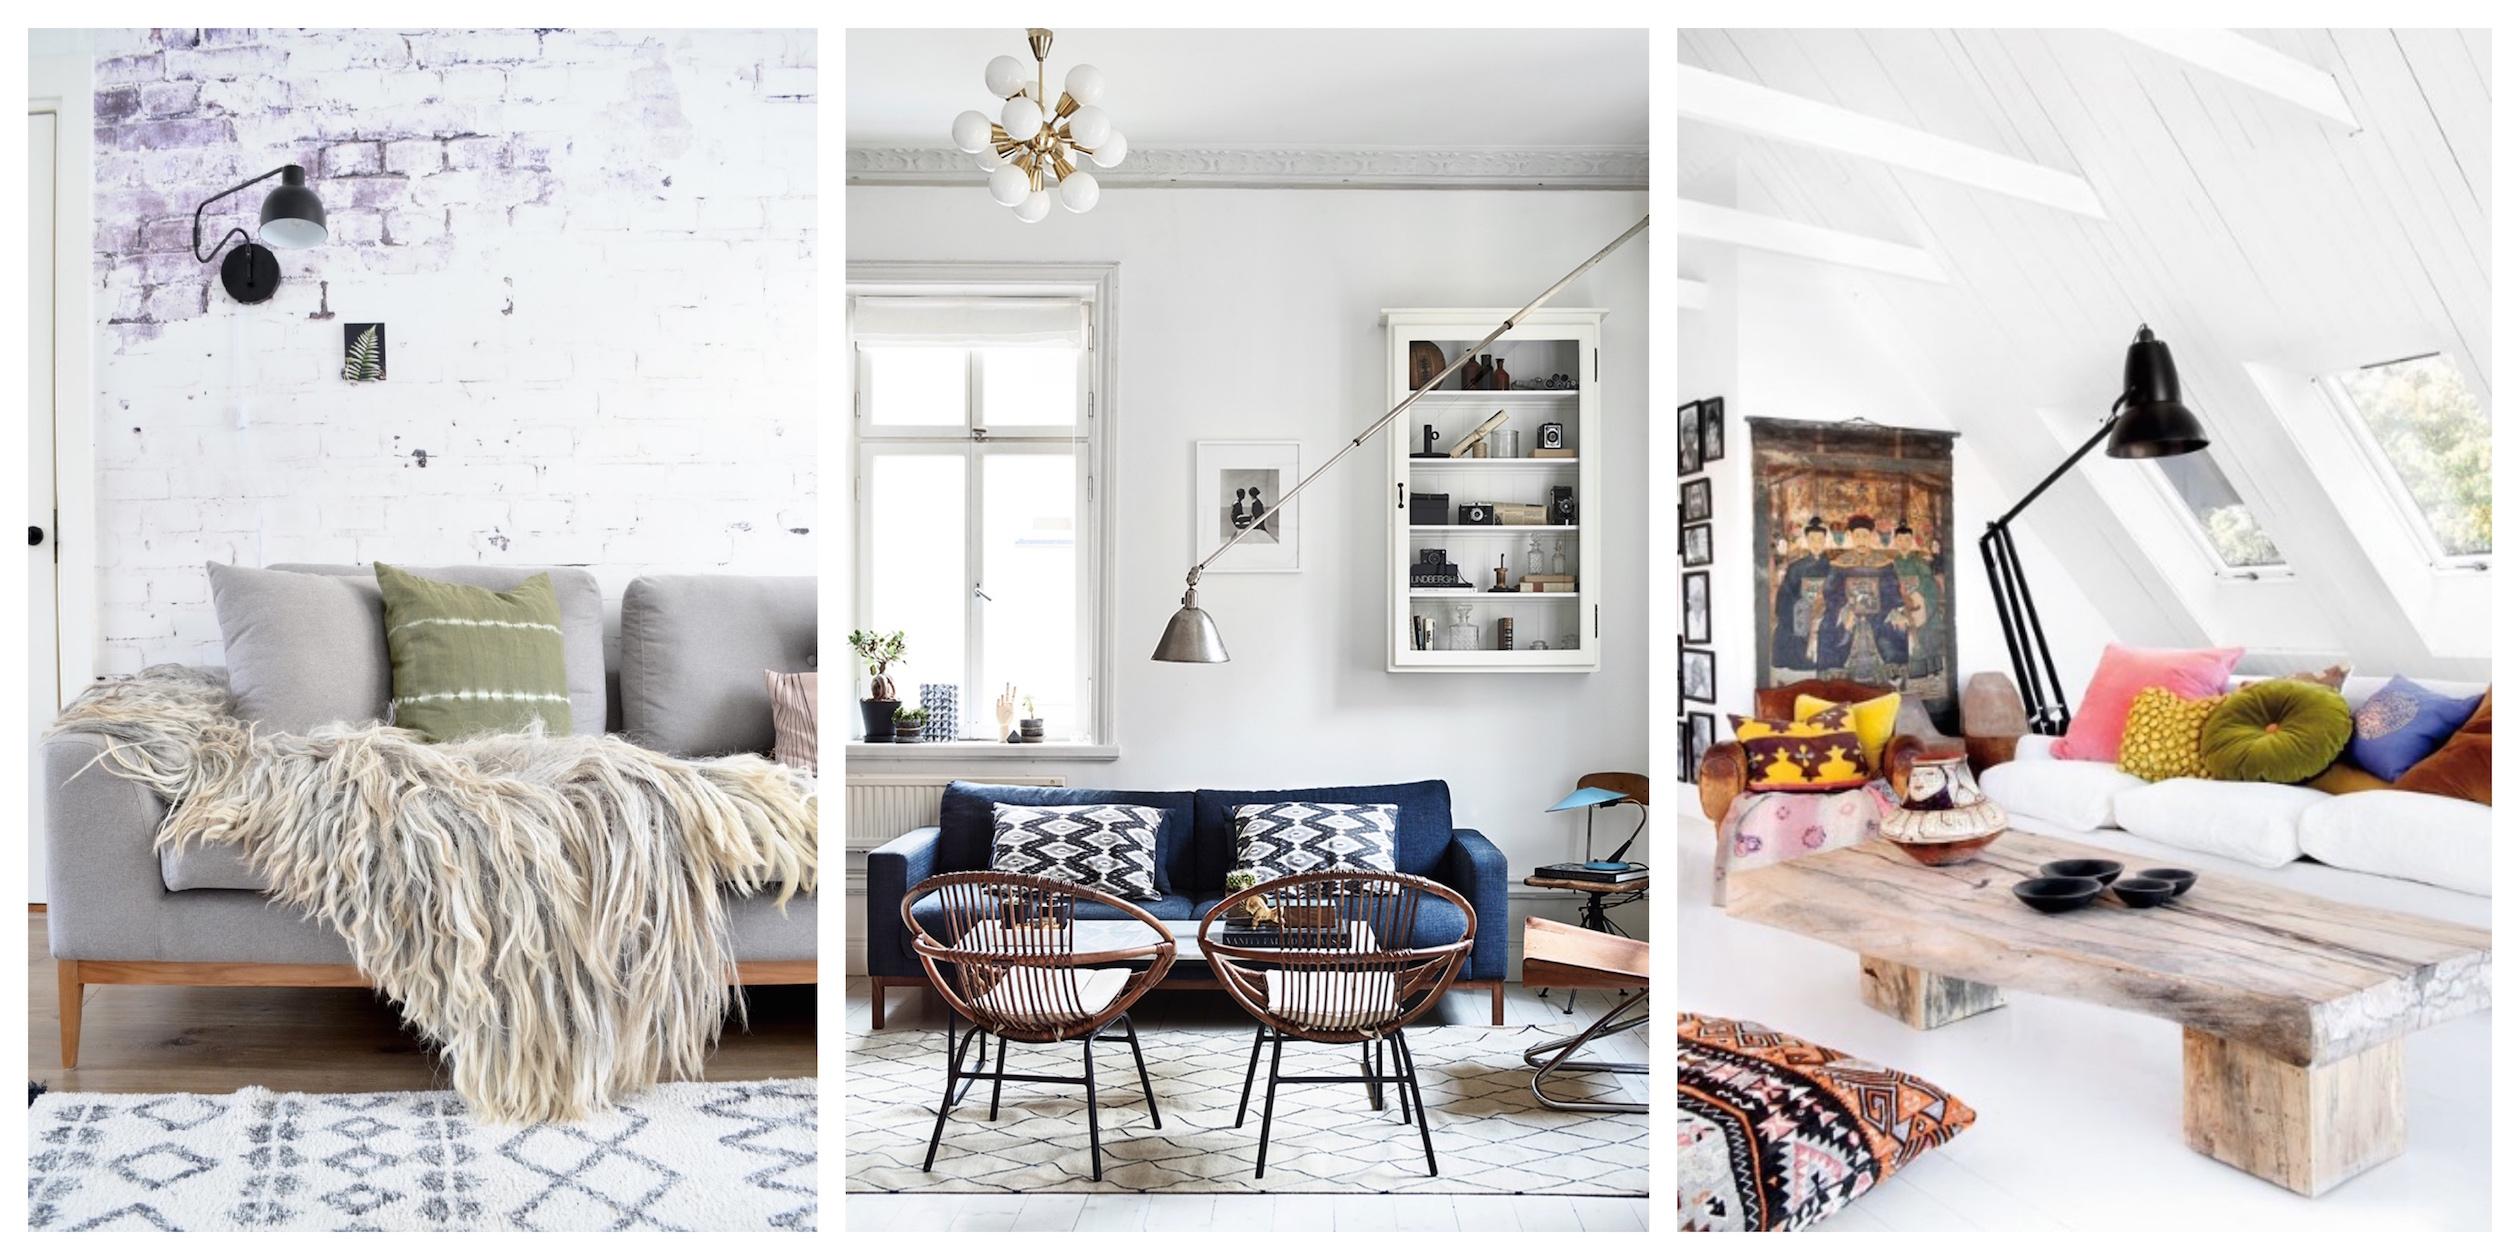 25+ nápadů jak zkombinovat skandinávský a bohémský styl v interiéru